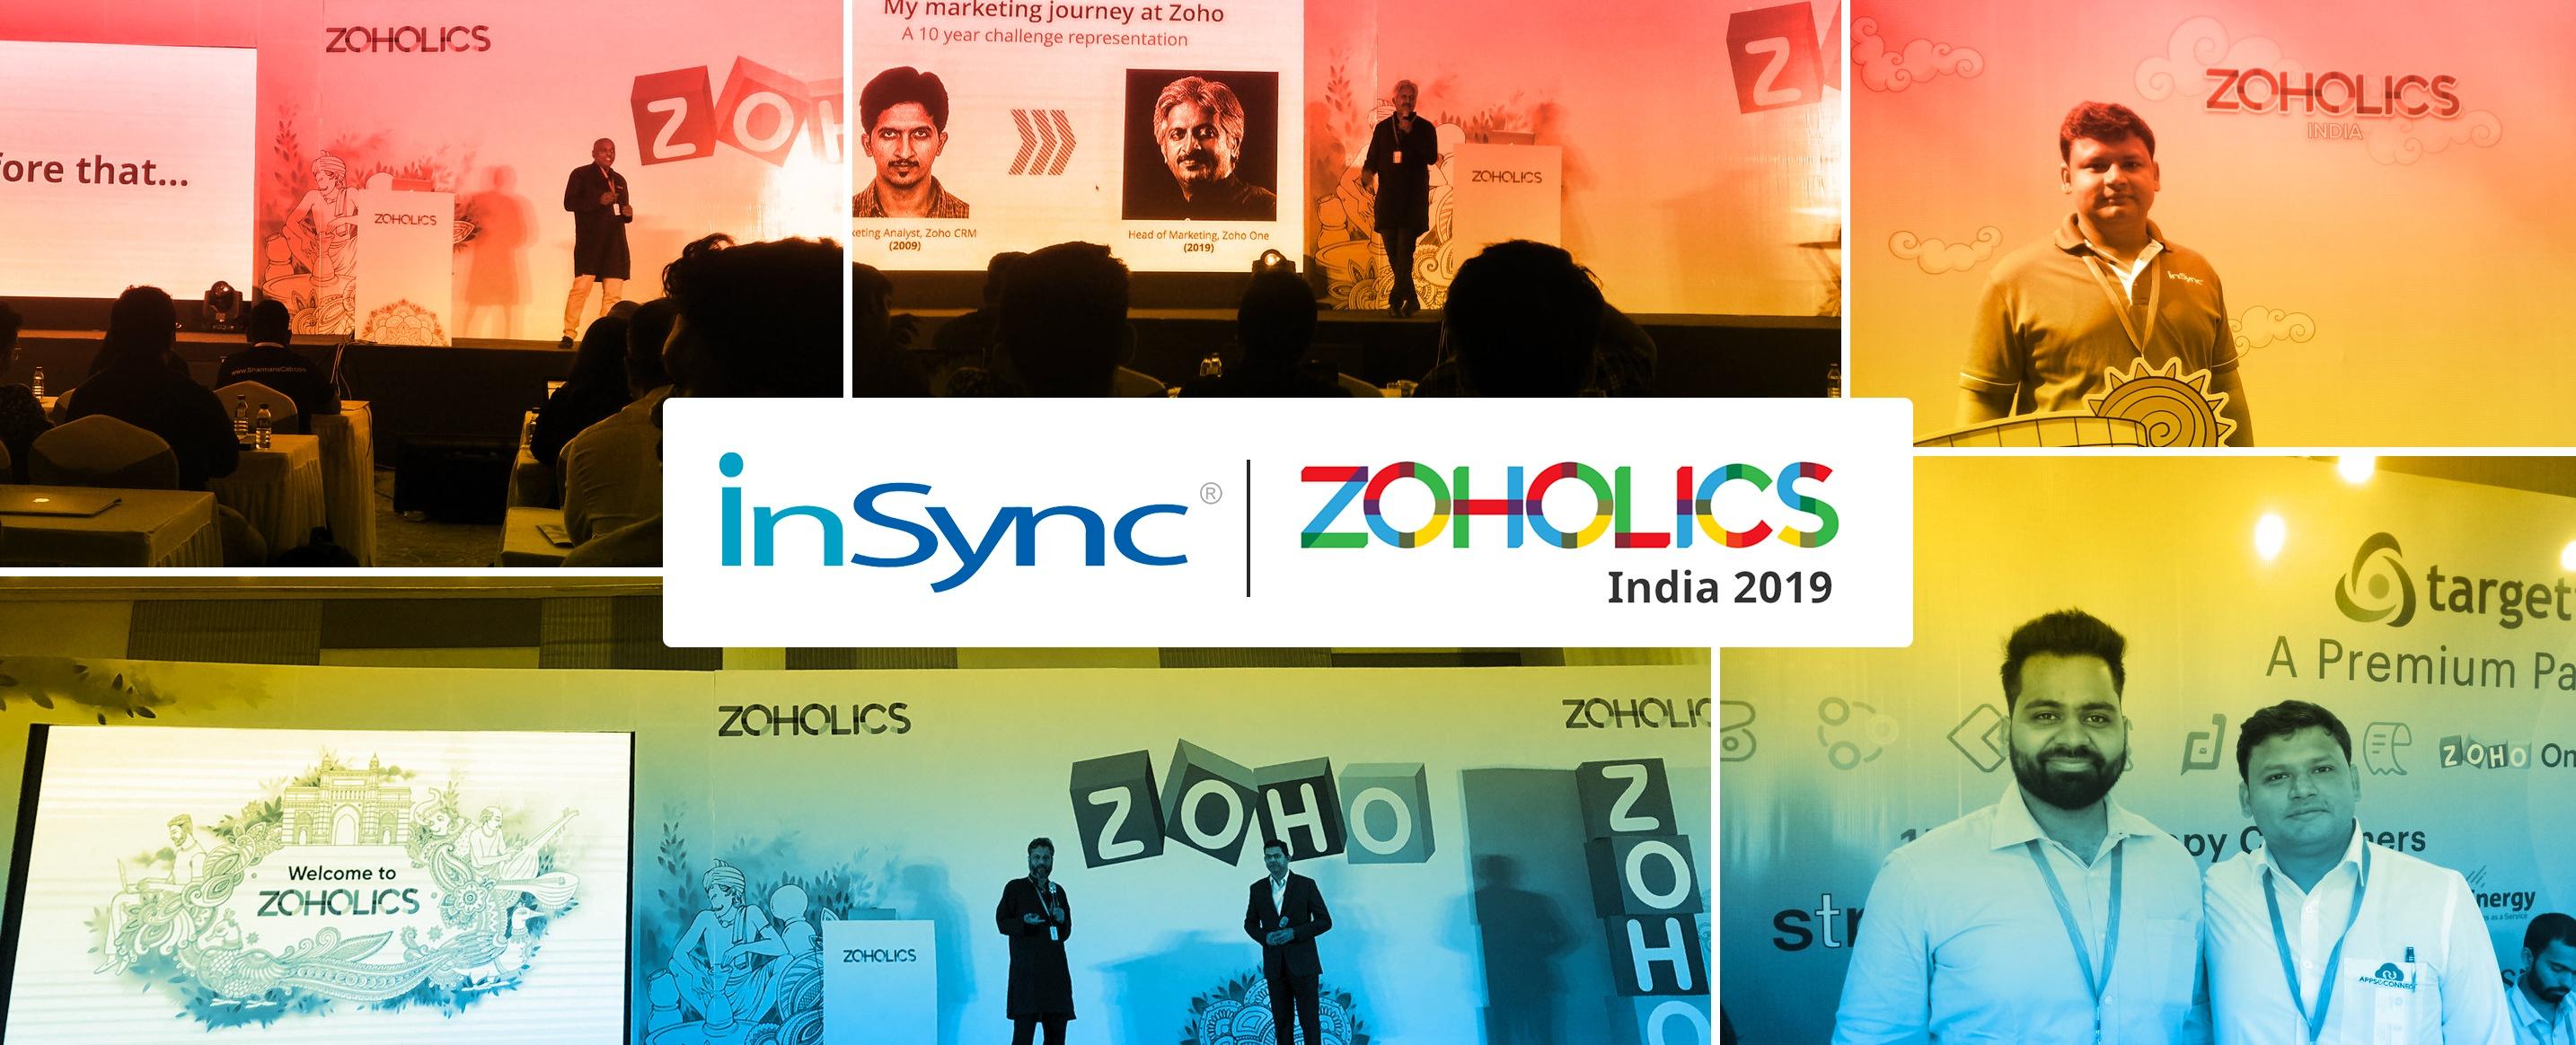 InSync-at-Zoholics-2019